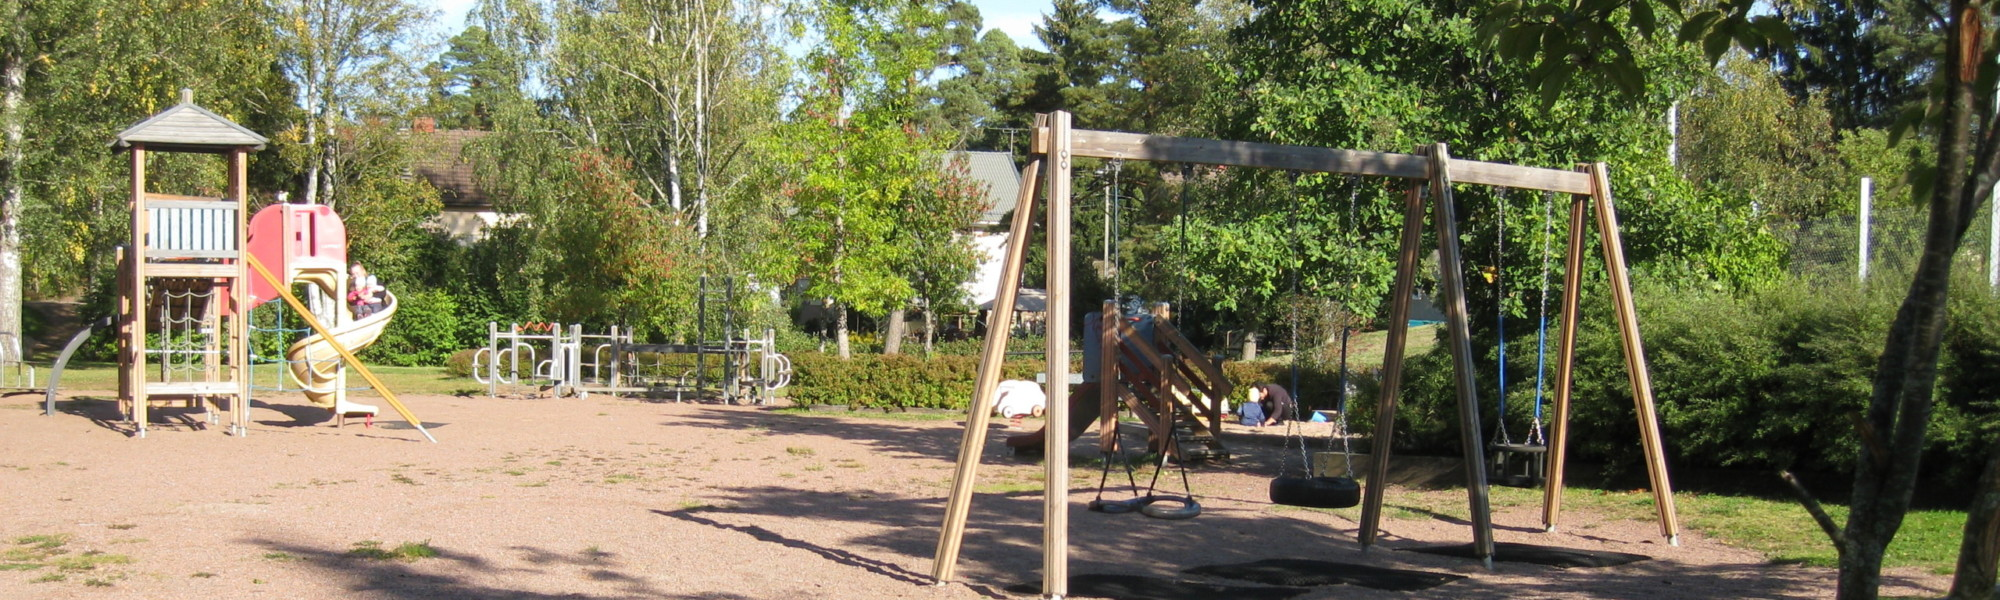 Kuvassa on Kilpisen leikkikenttä